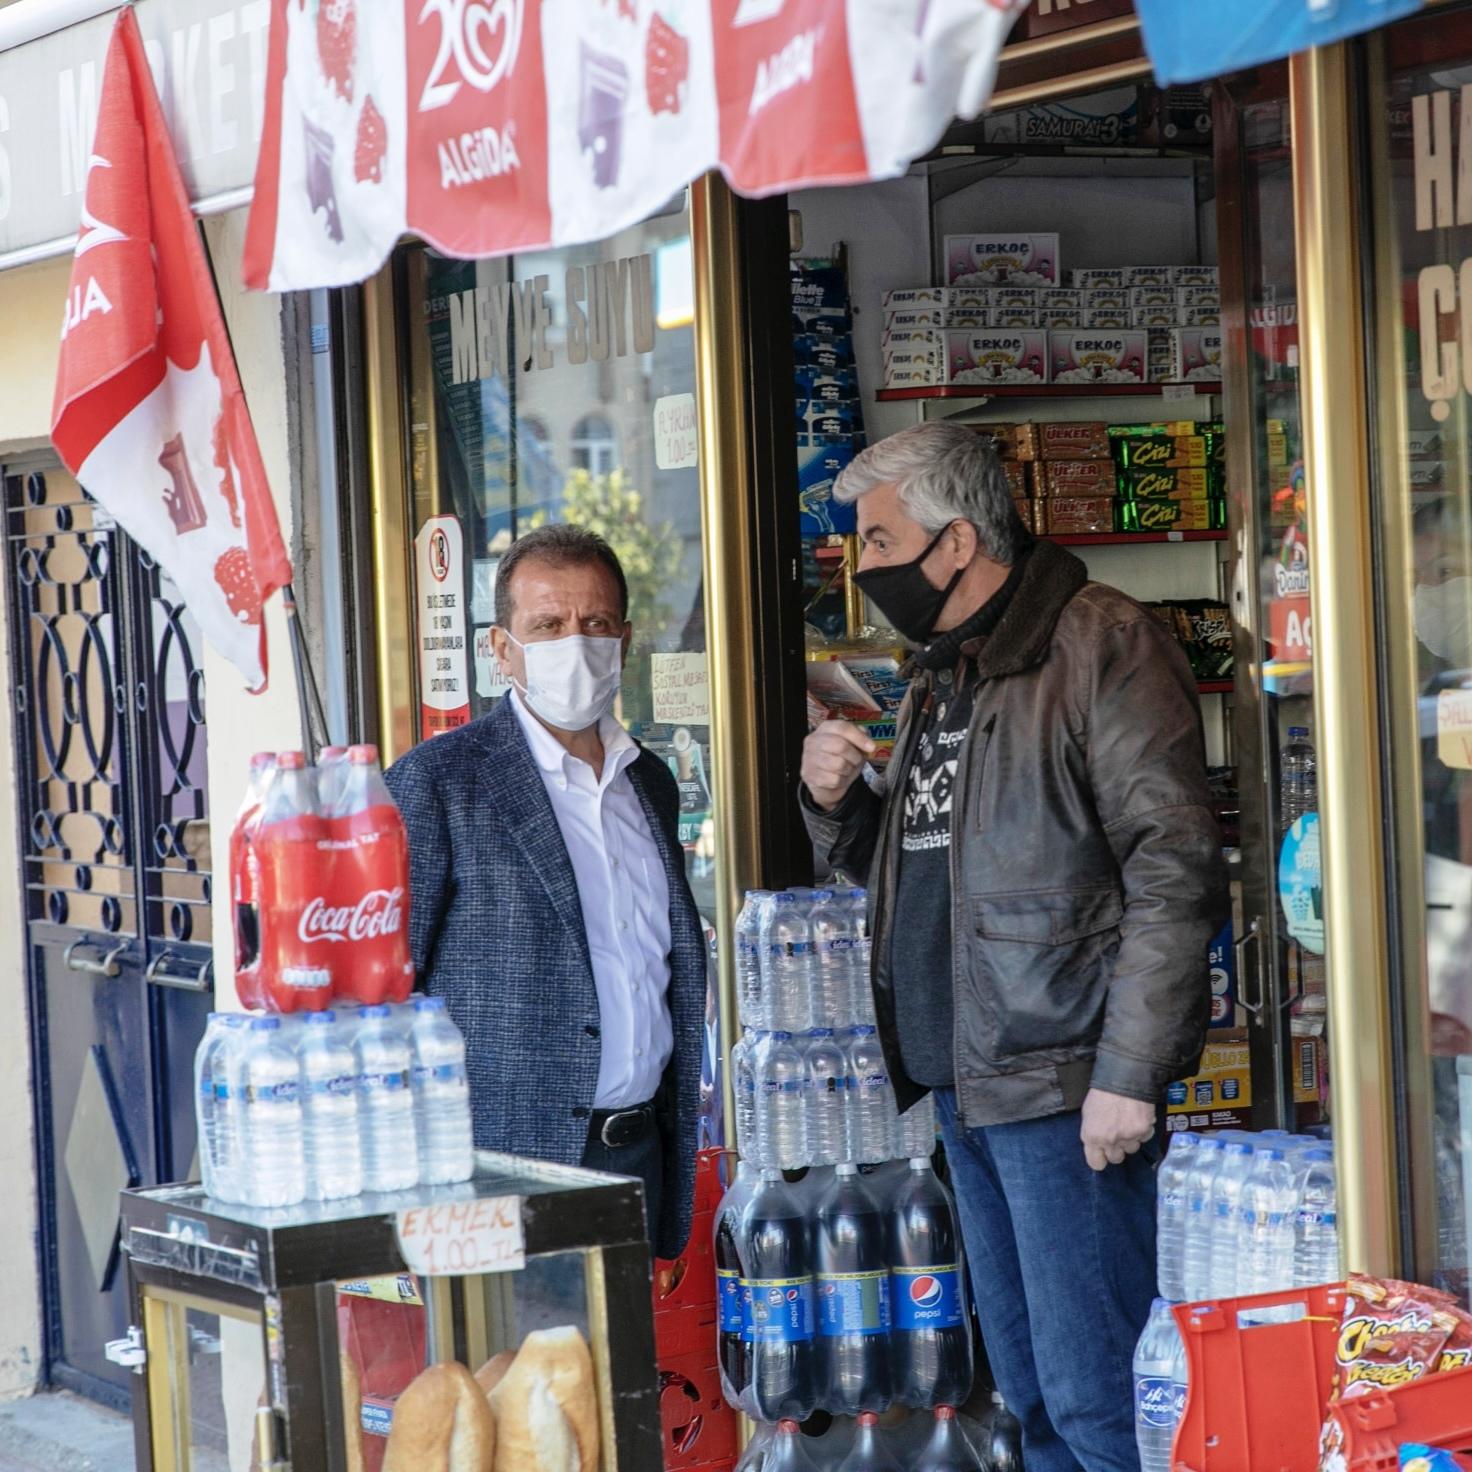 BAŞKAN SEÇER, ESNAFA BEREKETLİ KAZANÇLAR DİLEDİ